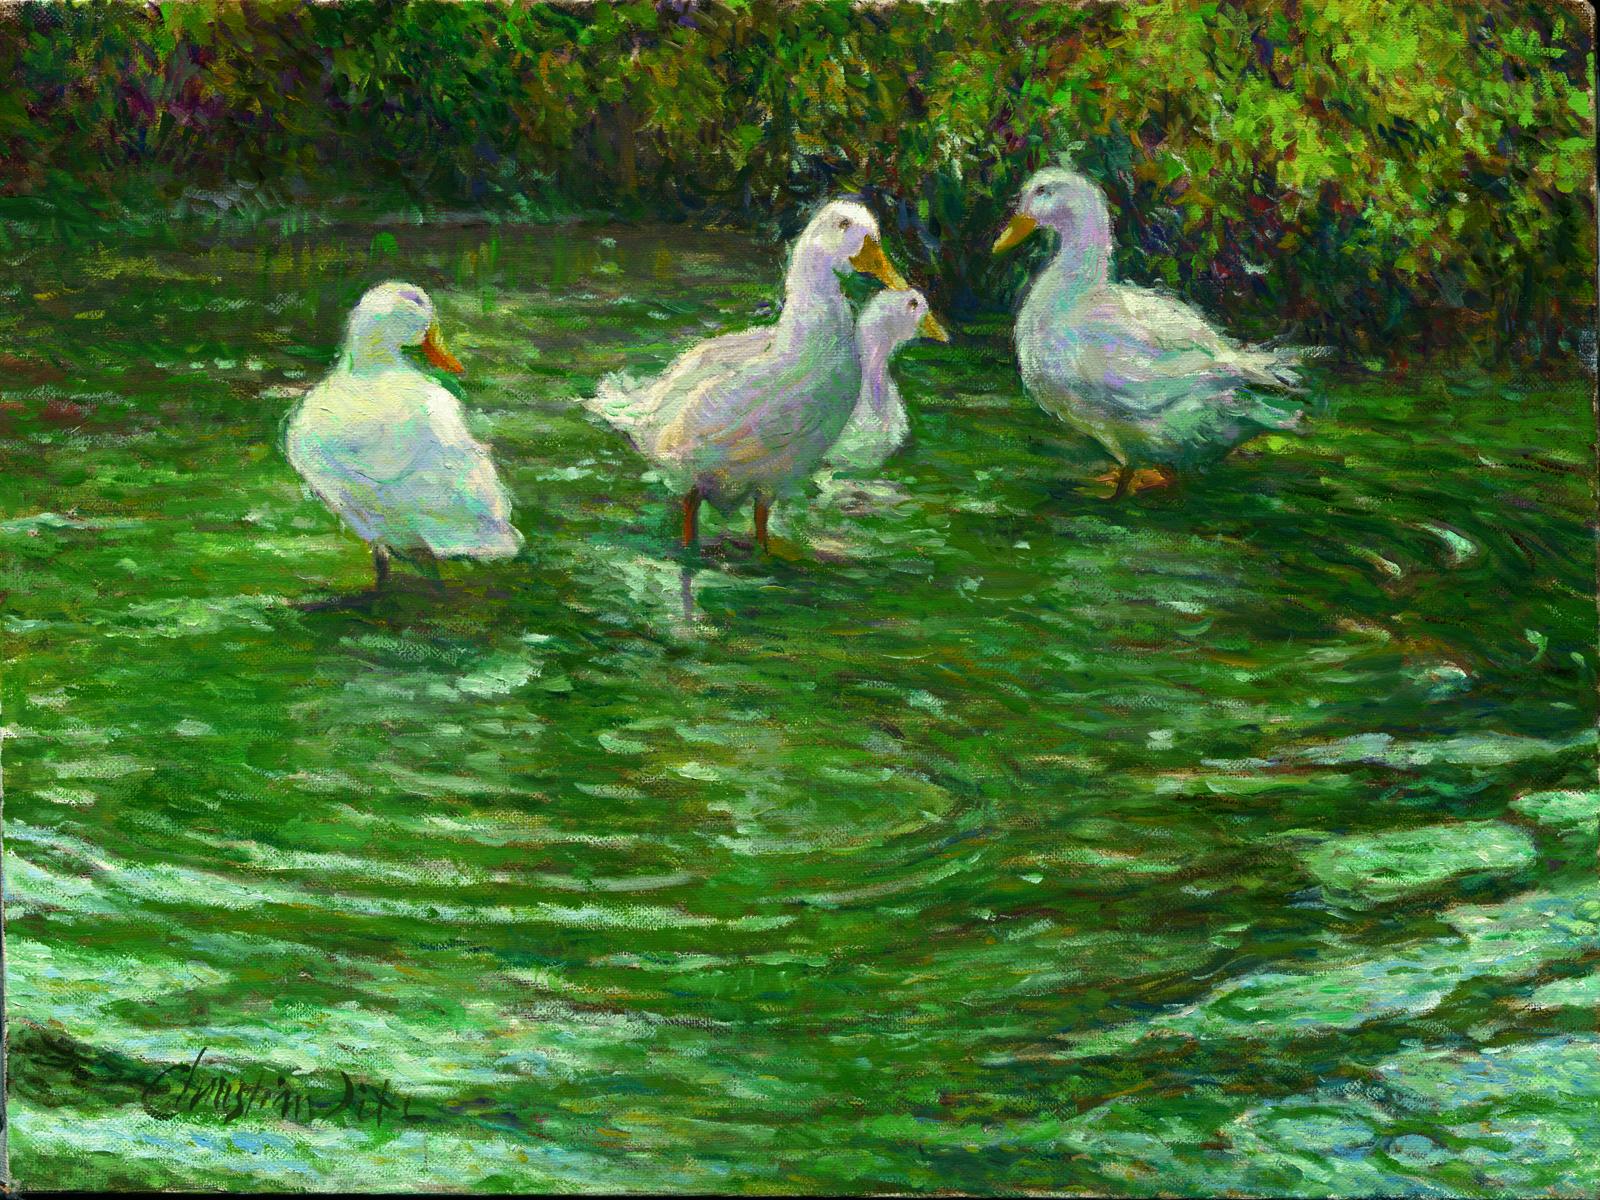 ducklings-swop.jpg